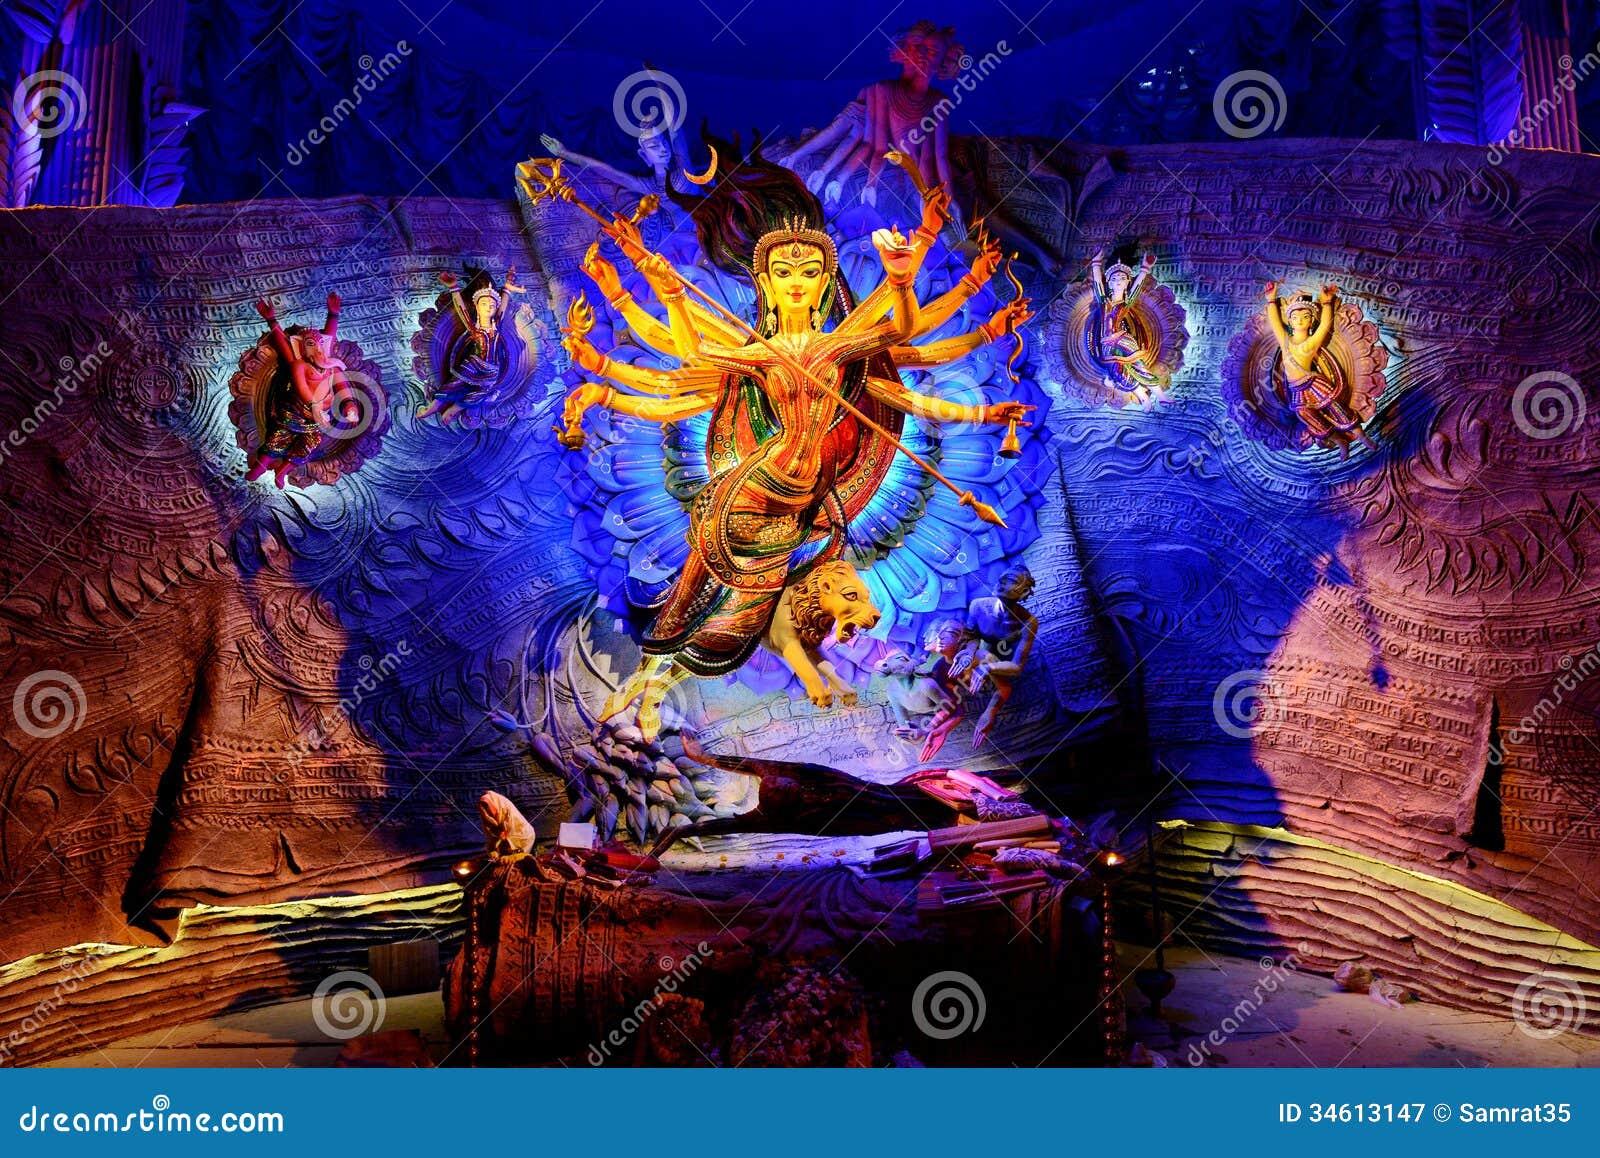 Hindu Mythology Editorial Photography - Image: 34613147